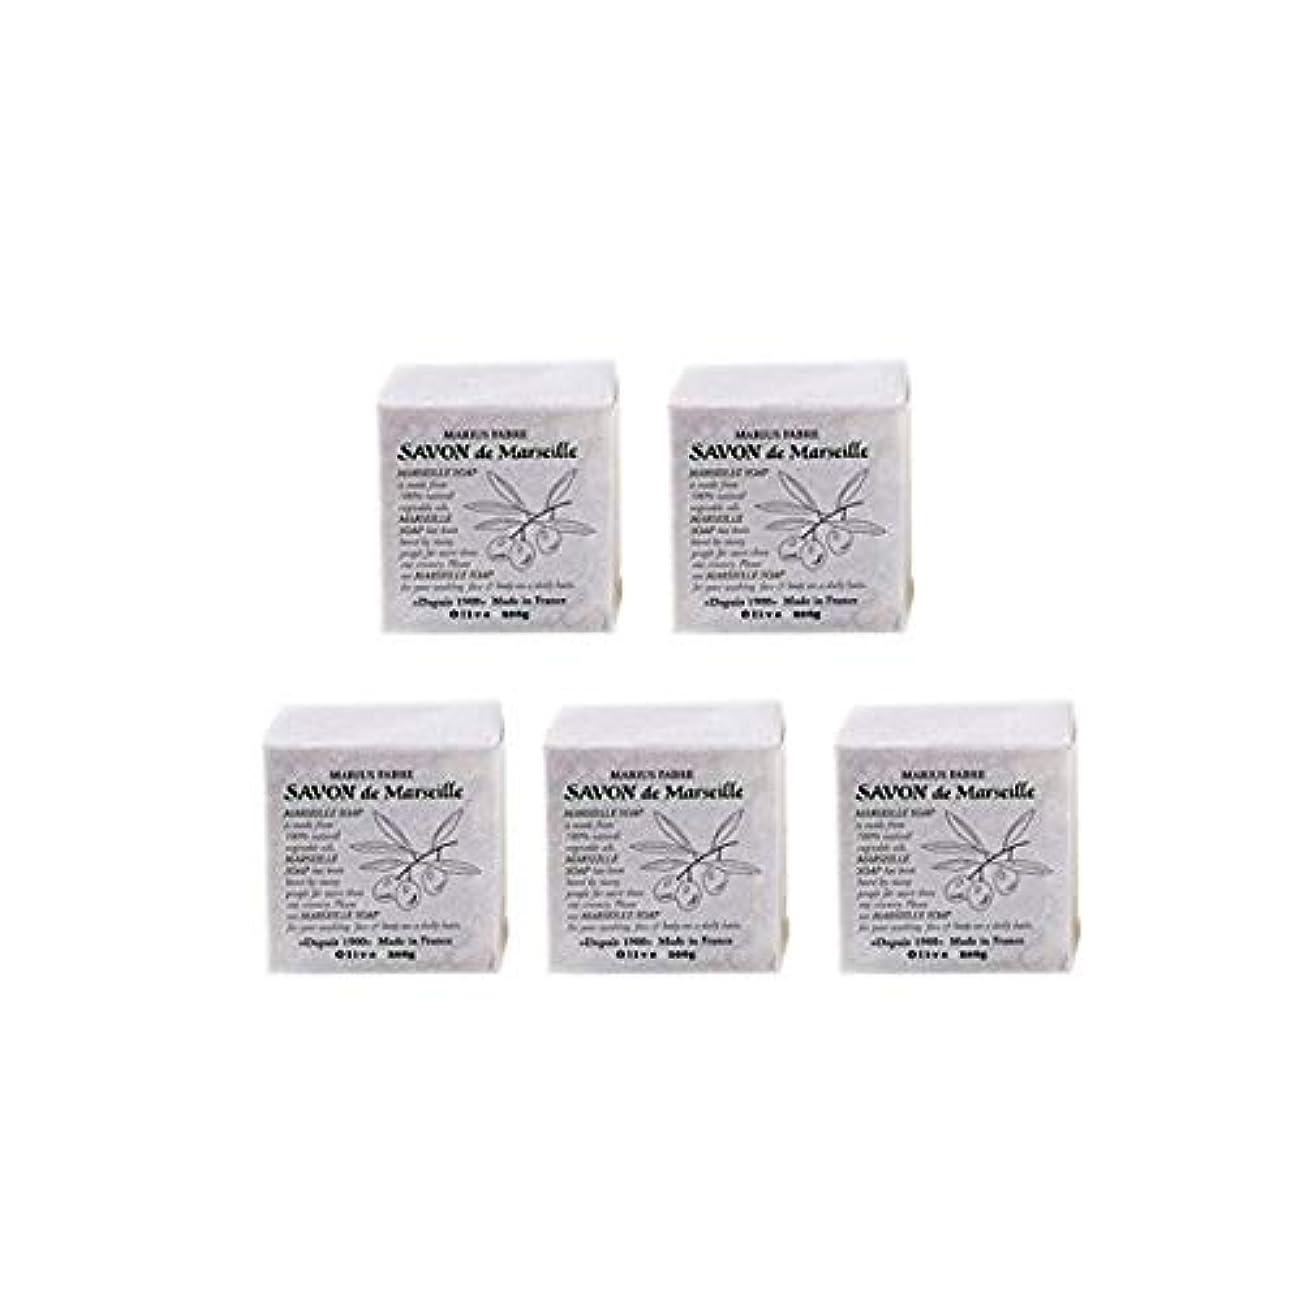 二次別々にウミウシマリウスファーブルサボンドマルセイユ無香料オリーブN(無香料)5個セット(200g×5個)マリウスファーブルのマルセイユ石鹸 無香料